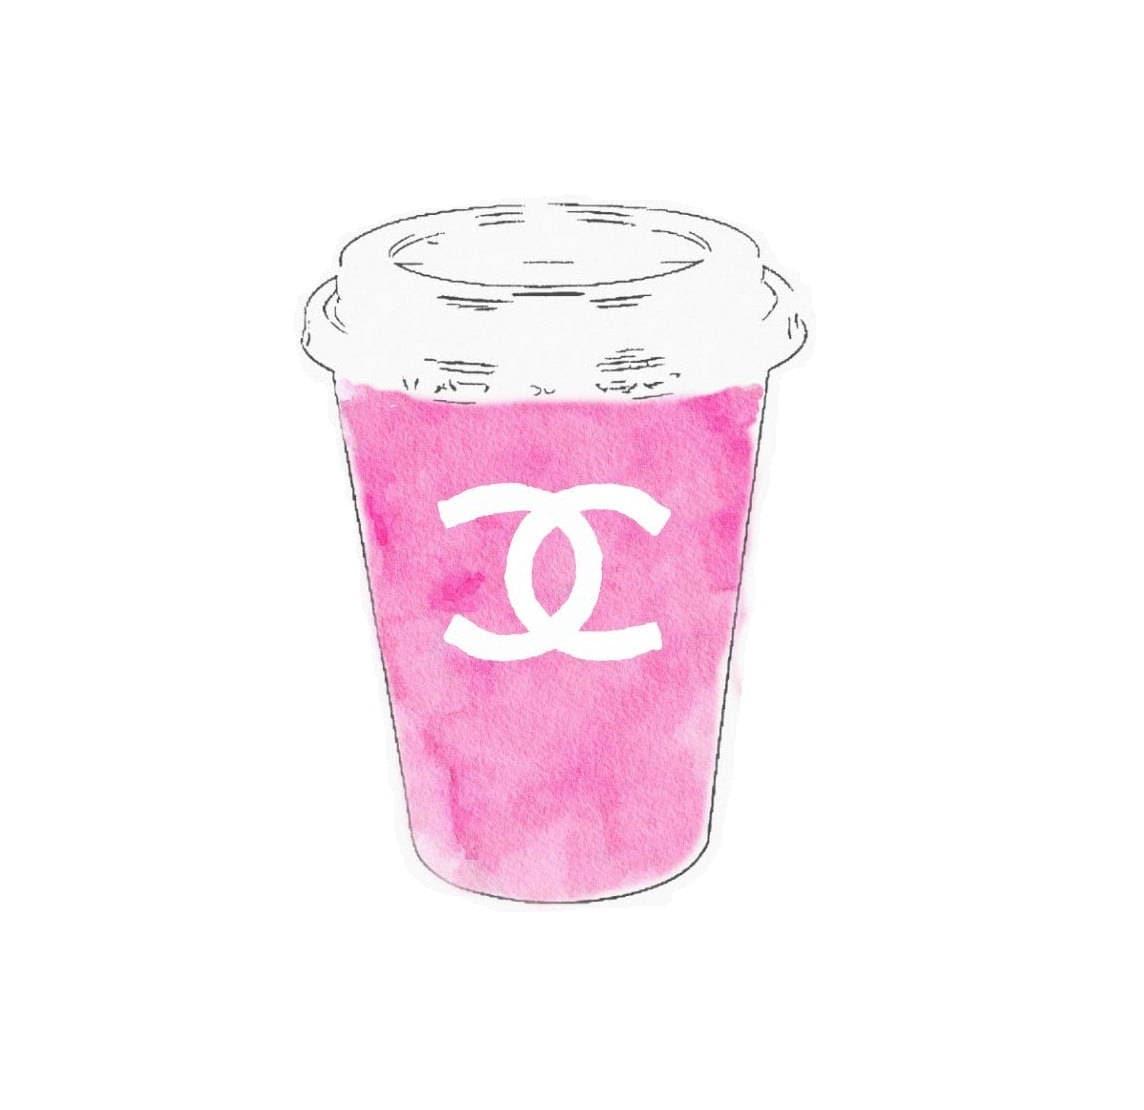 DIGITAL ART PRINT Pink Espresso Coffee Cup Chanel Watercolor   Etsy